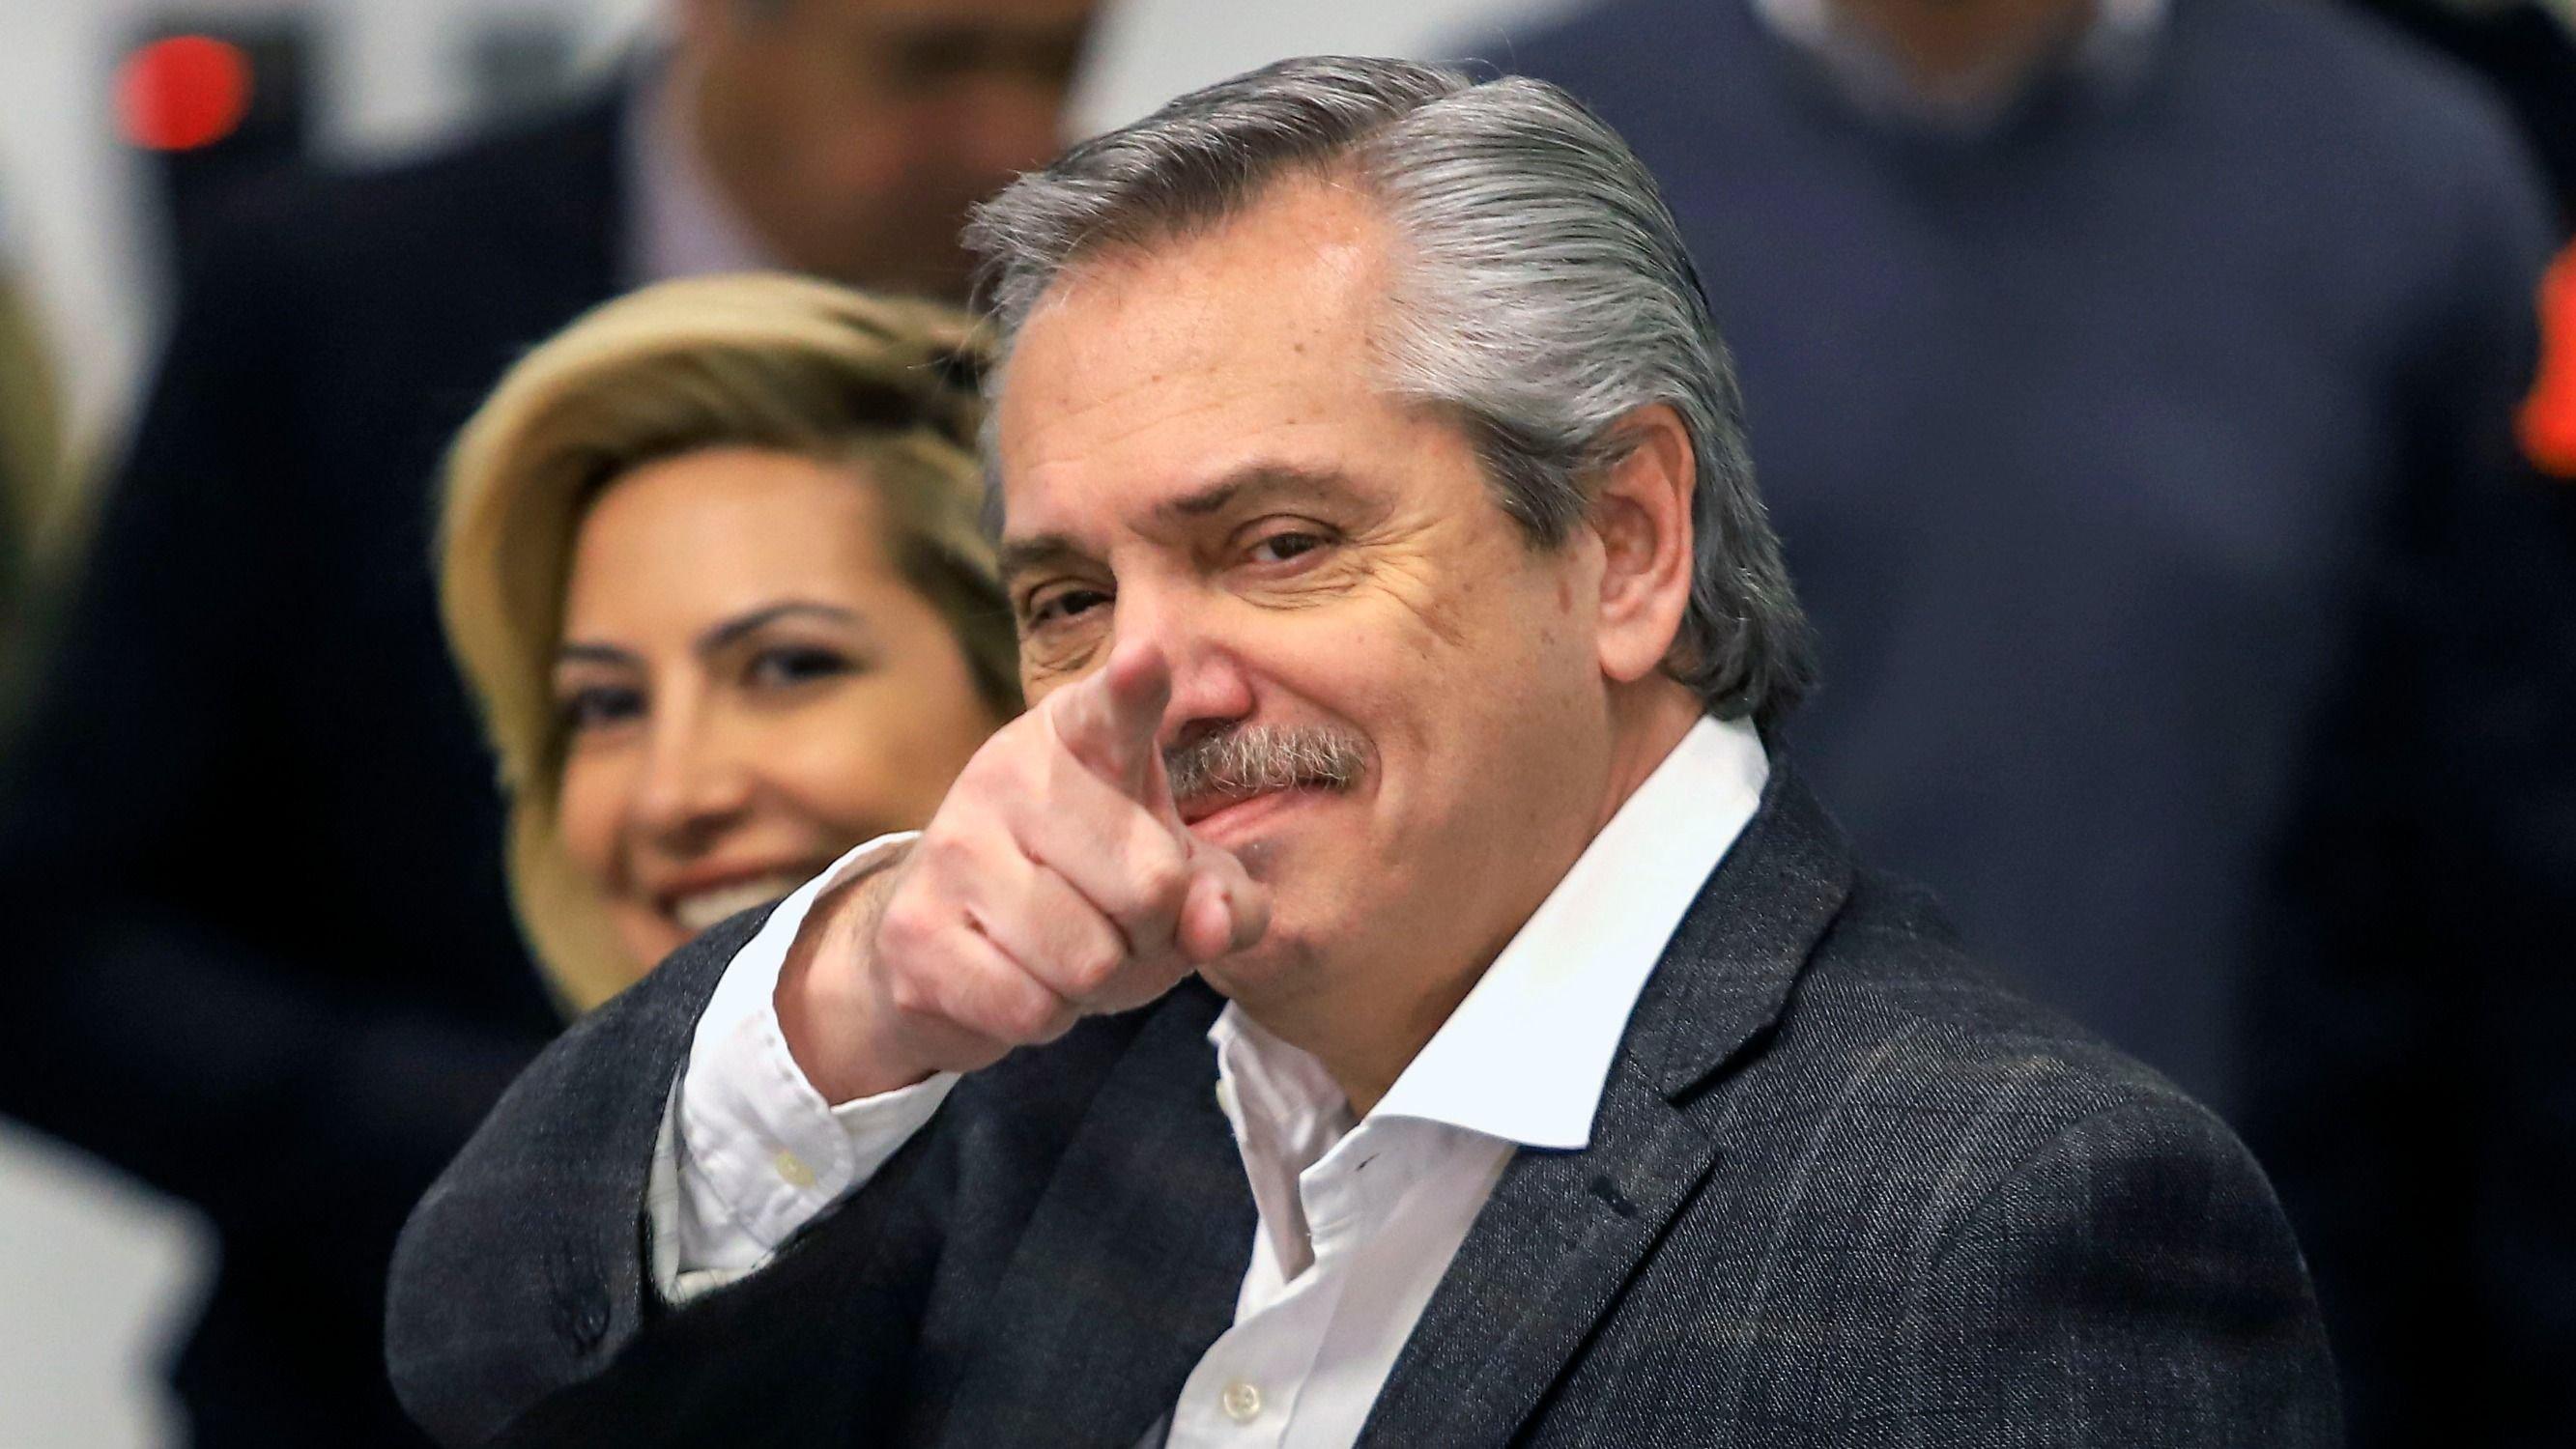 """De qué tiene la culpa Alberto Fernández hoy?"""": El juego que se ..."""